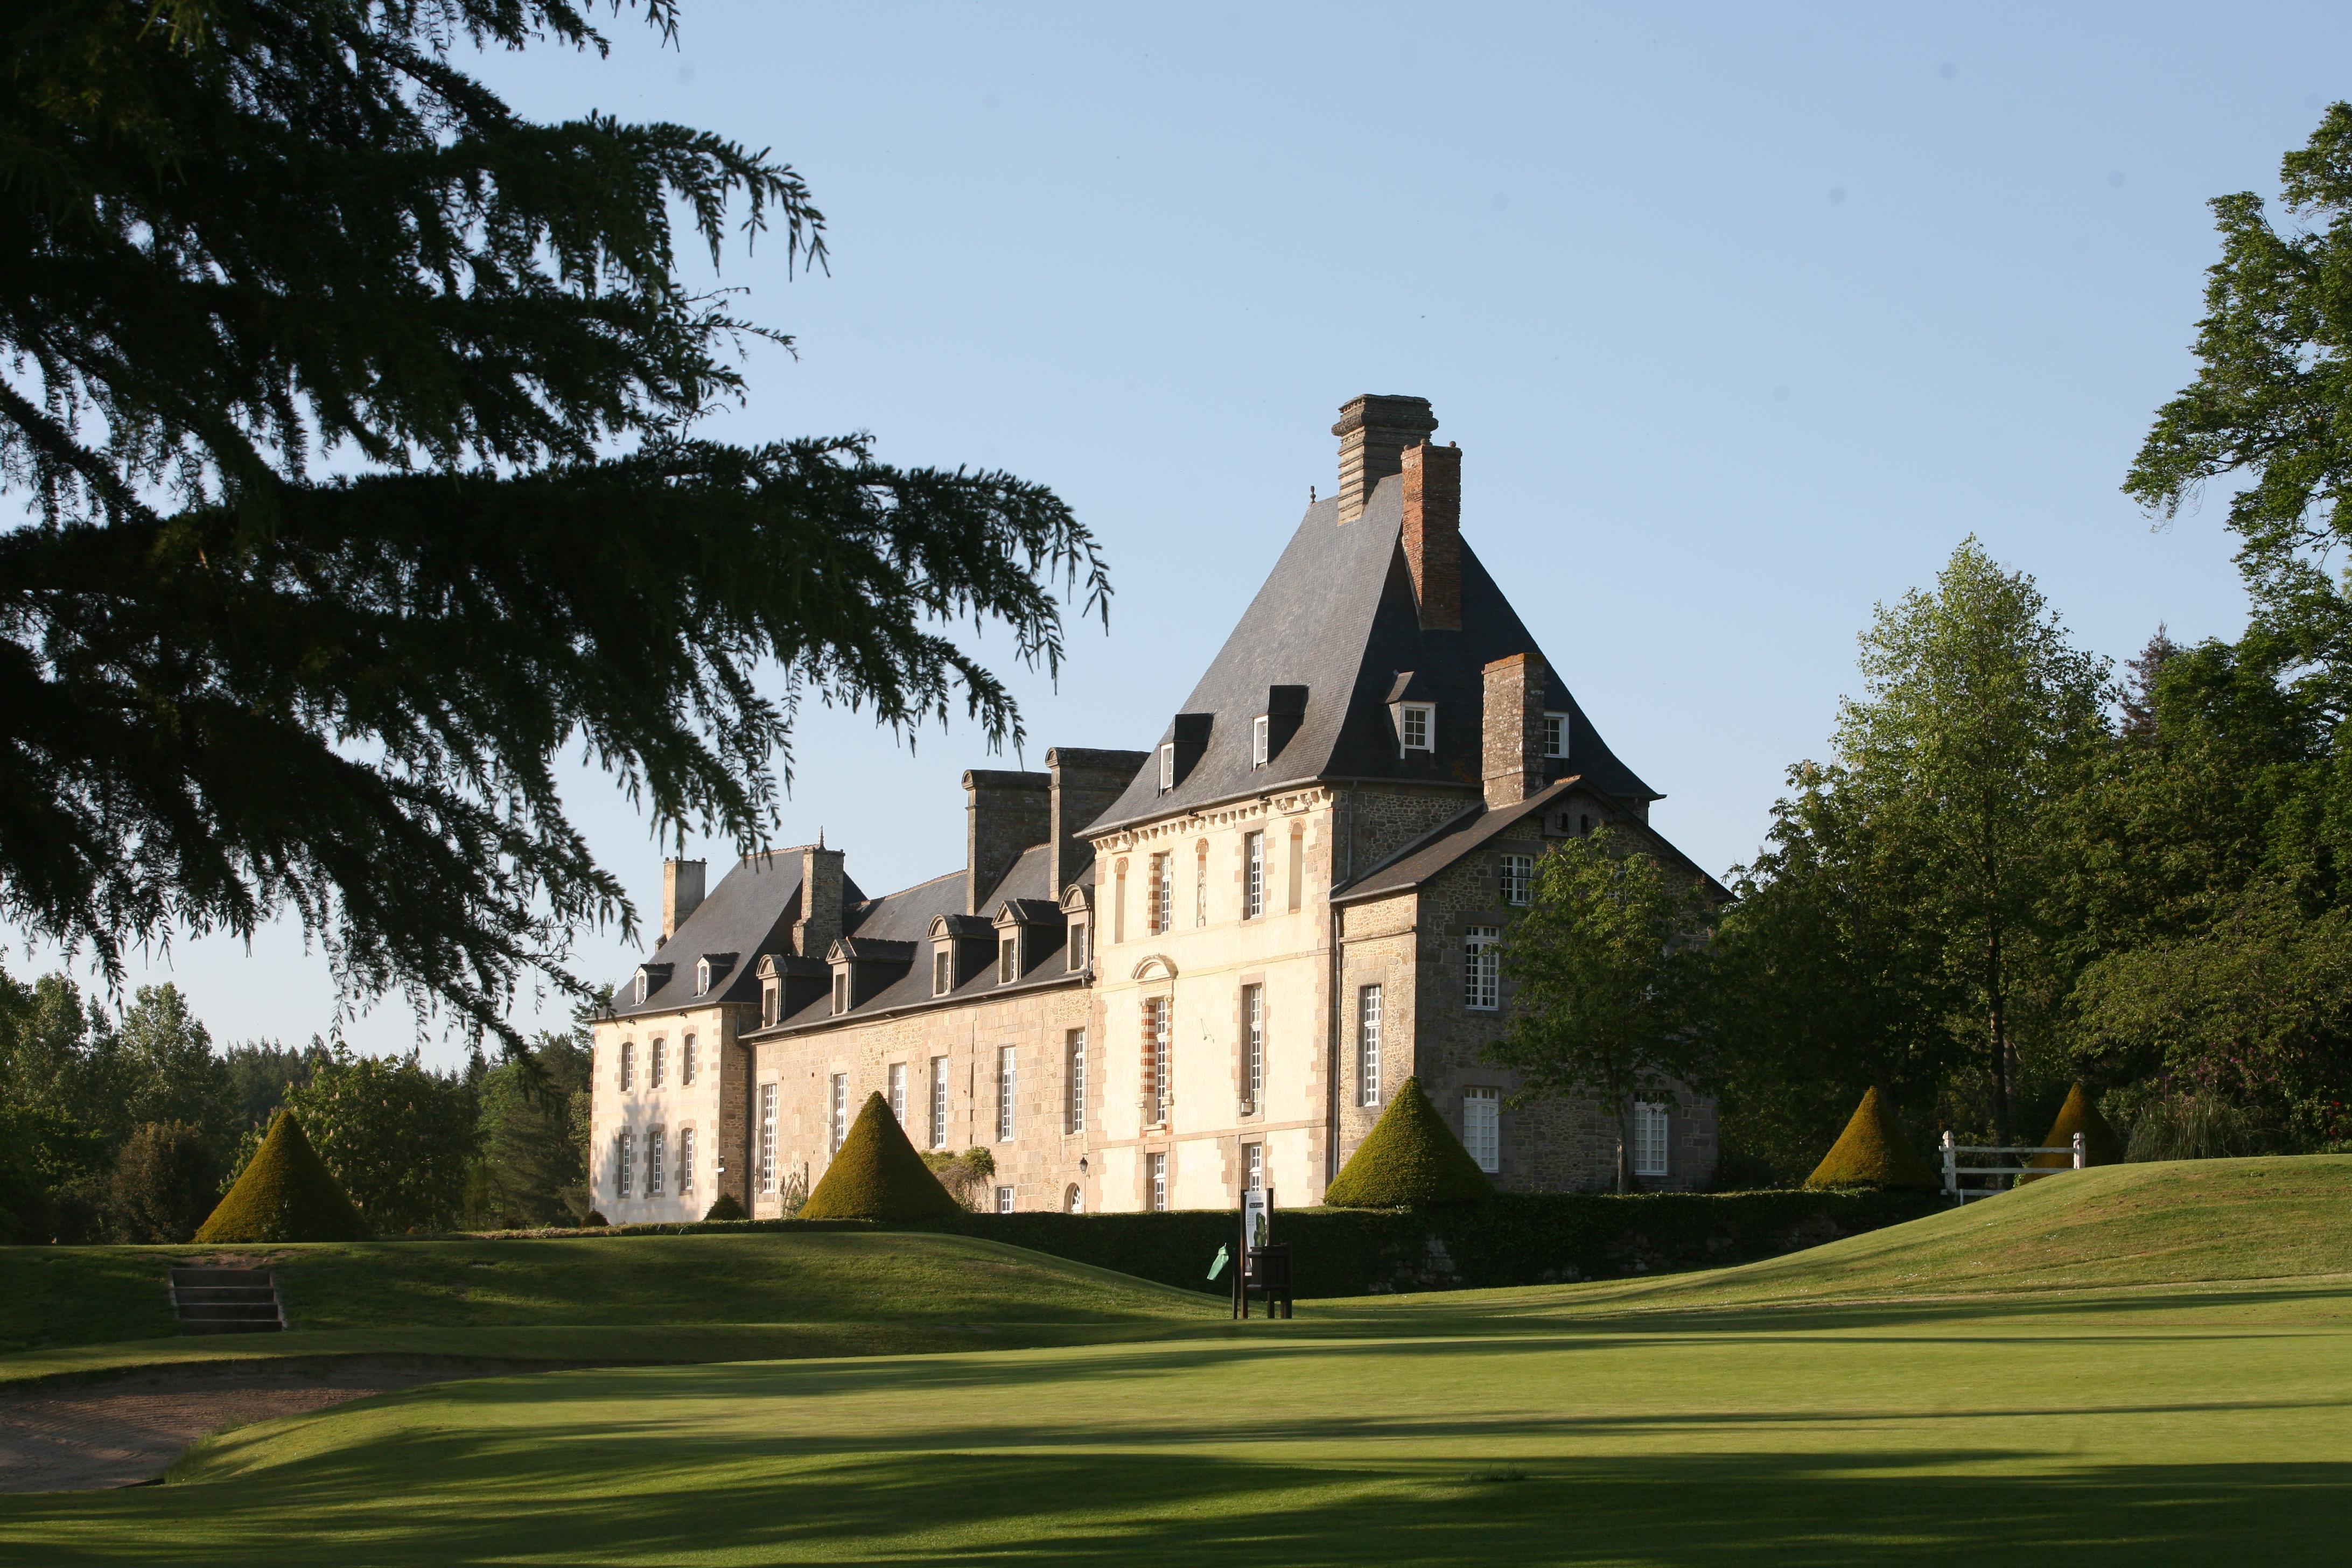 Camping Domaine des Ormes, Dol-de-Bretagne, Ille-et-Vilaine